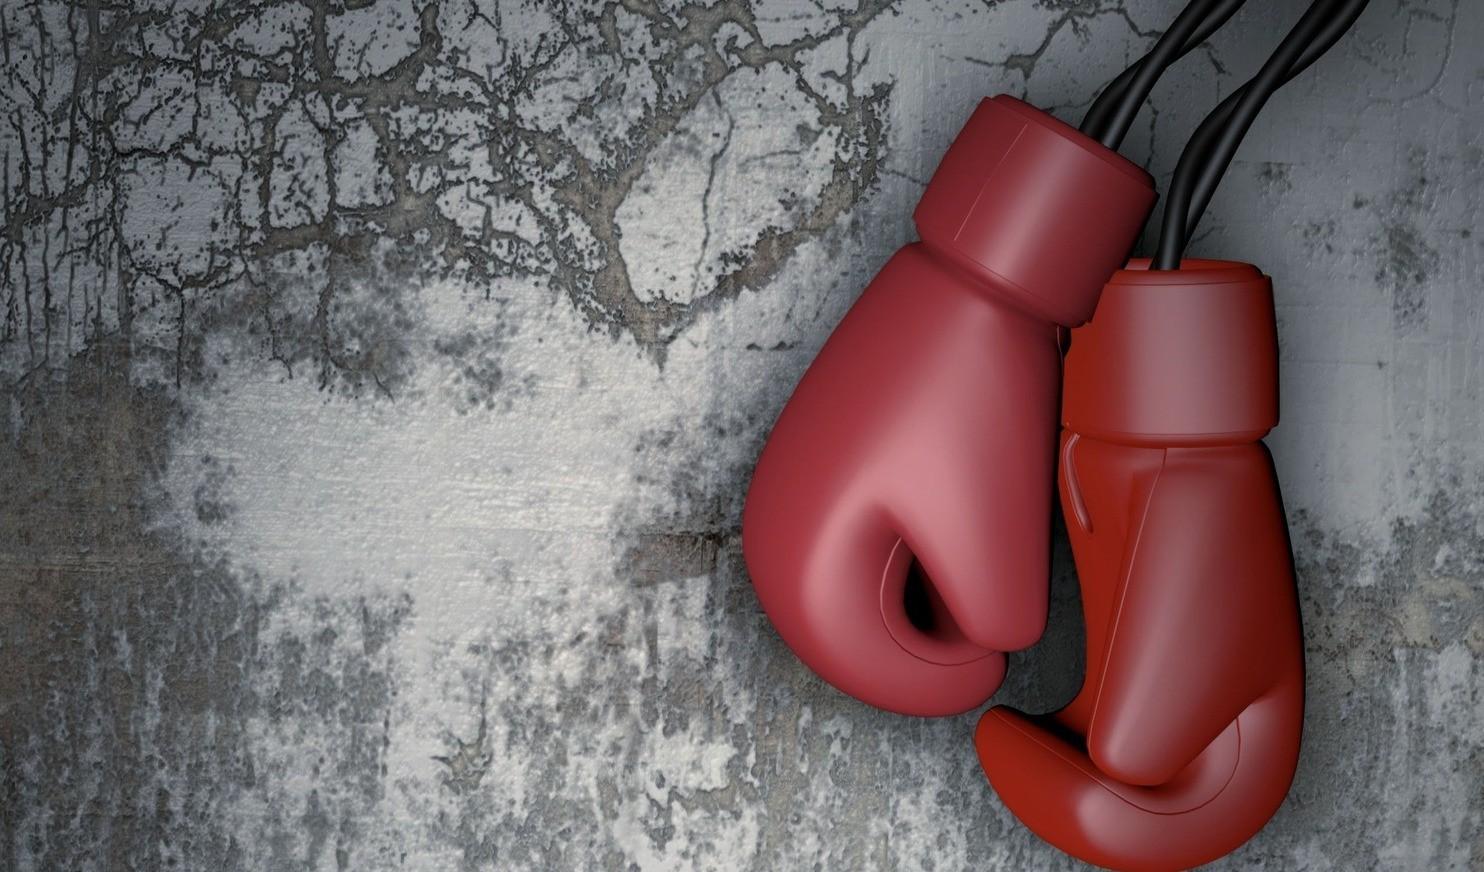 Cardio Kickboksen workkout